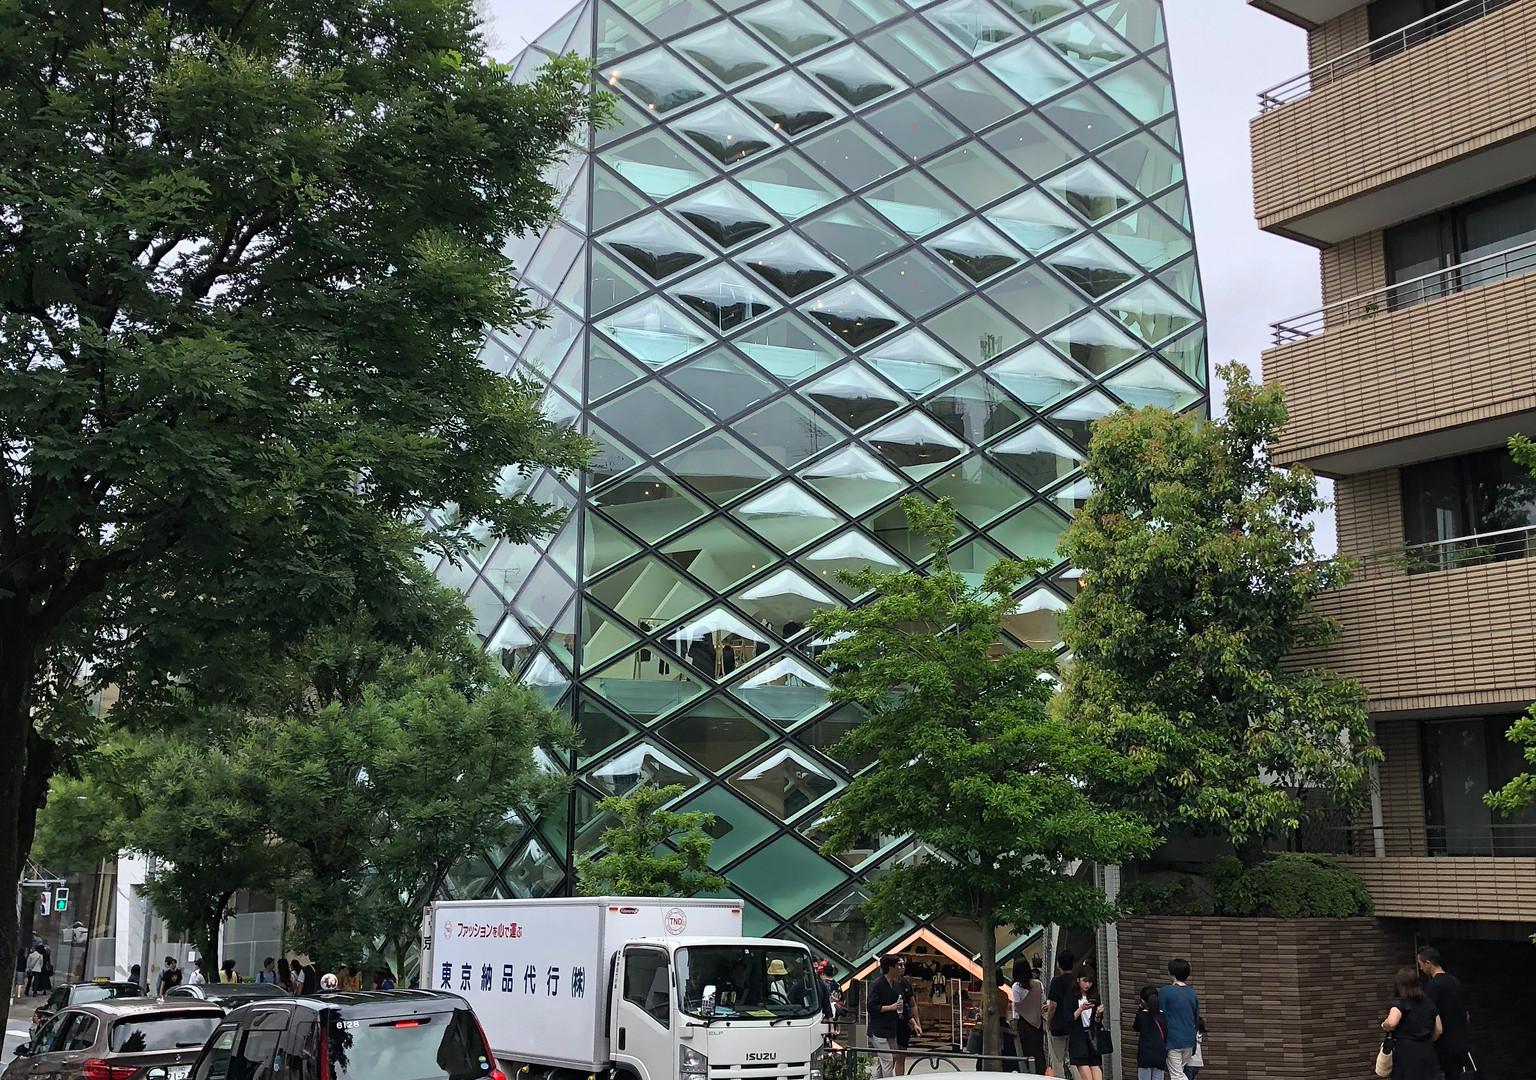 Prada Store - Aoyama; designed by Herzog and de Meuron